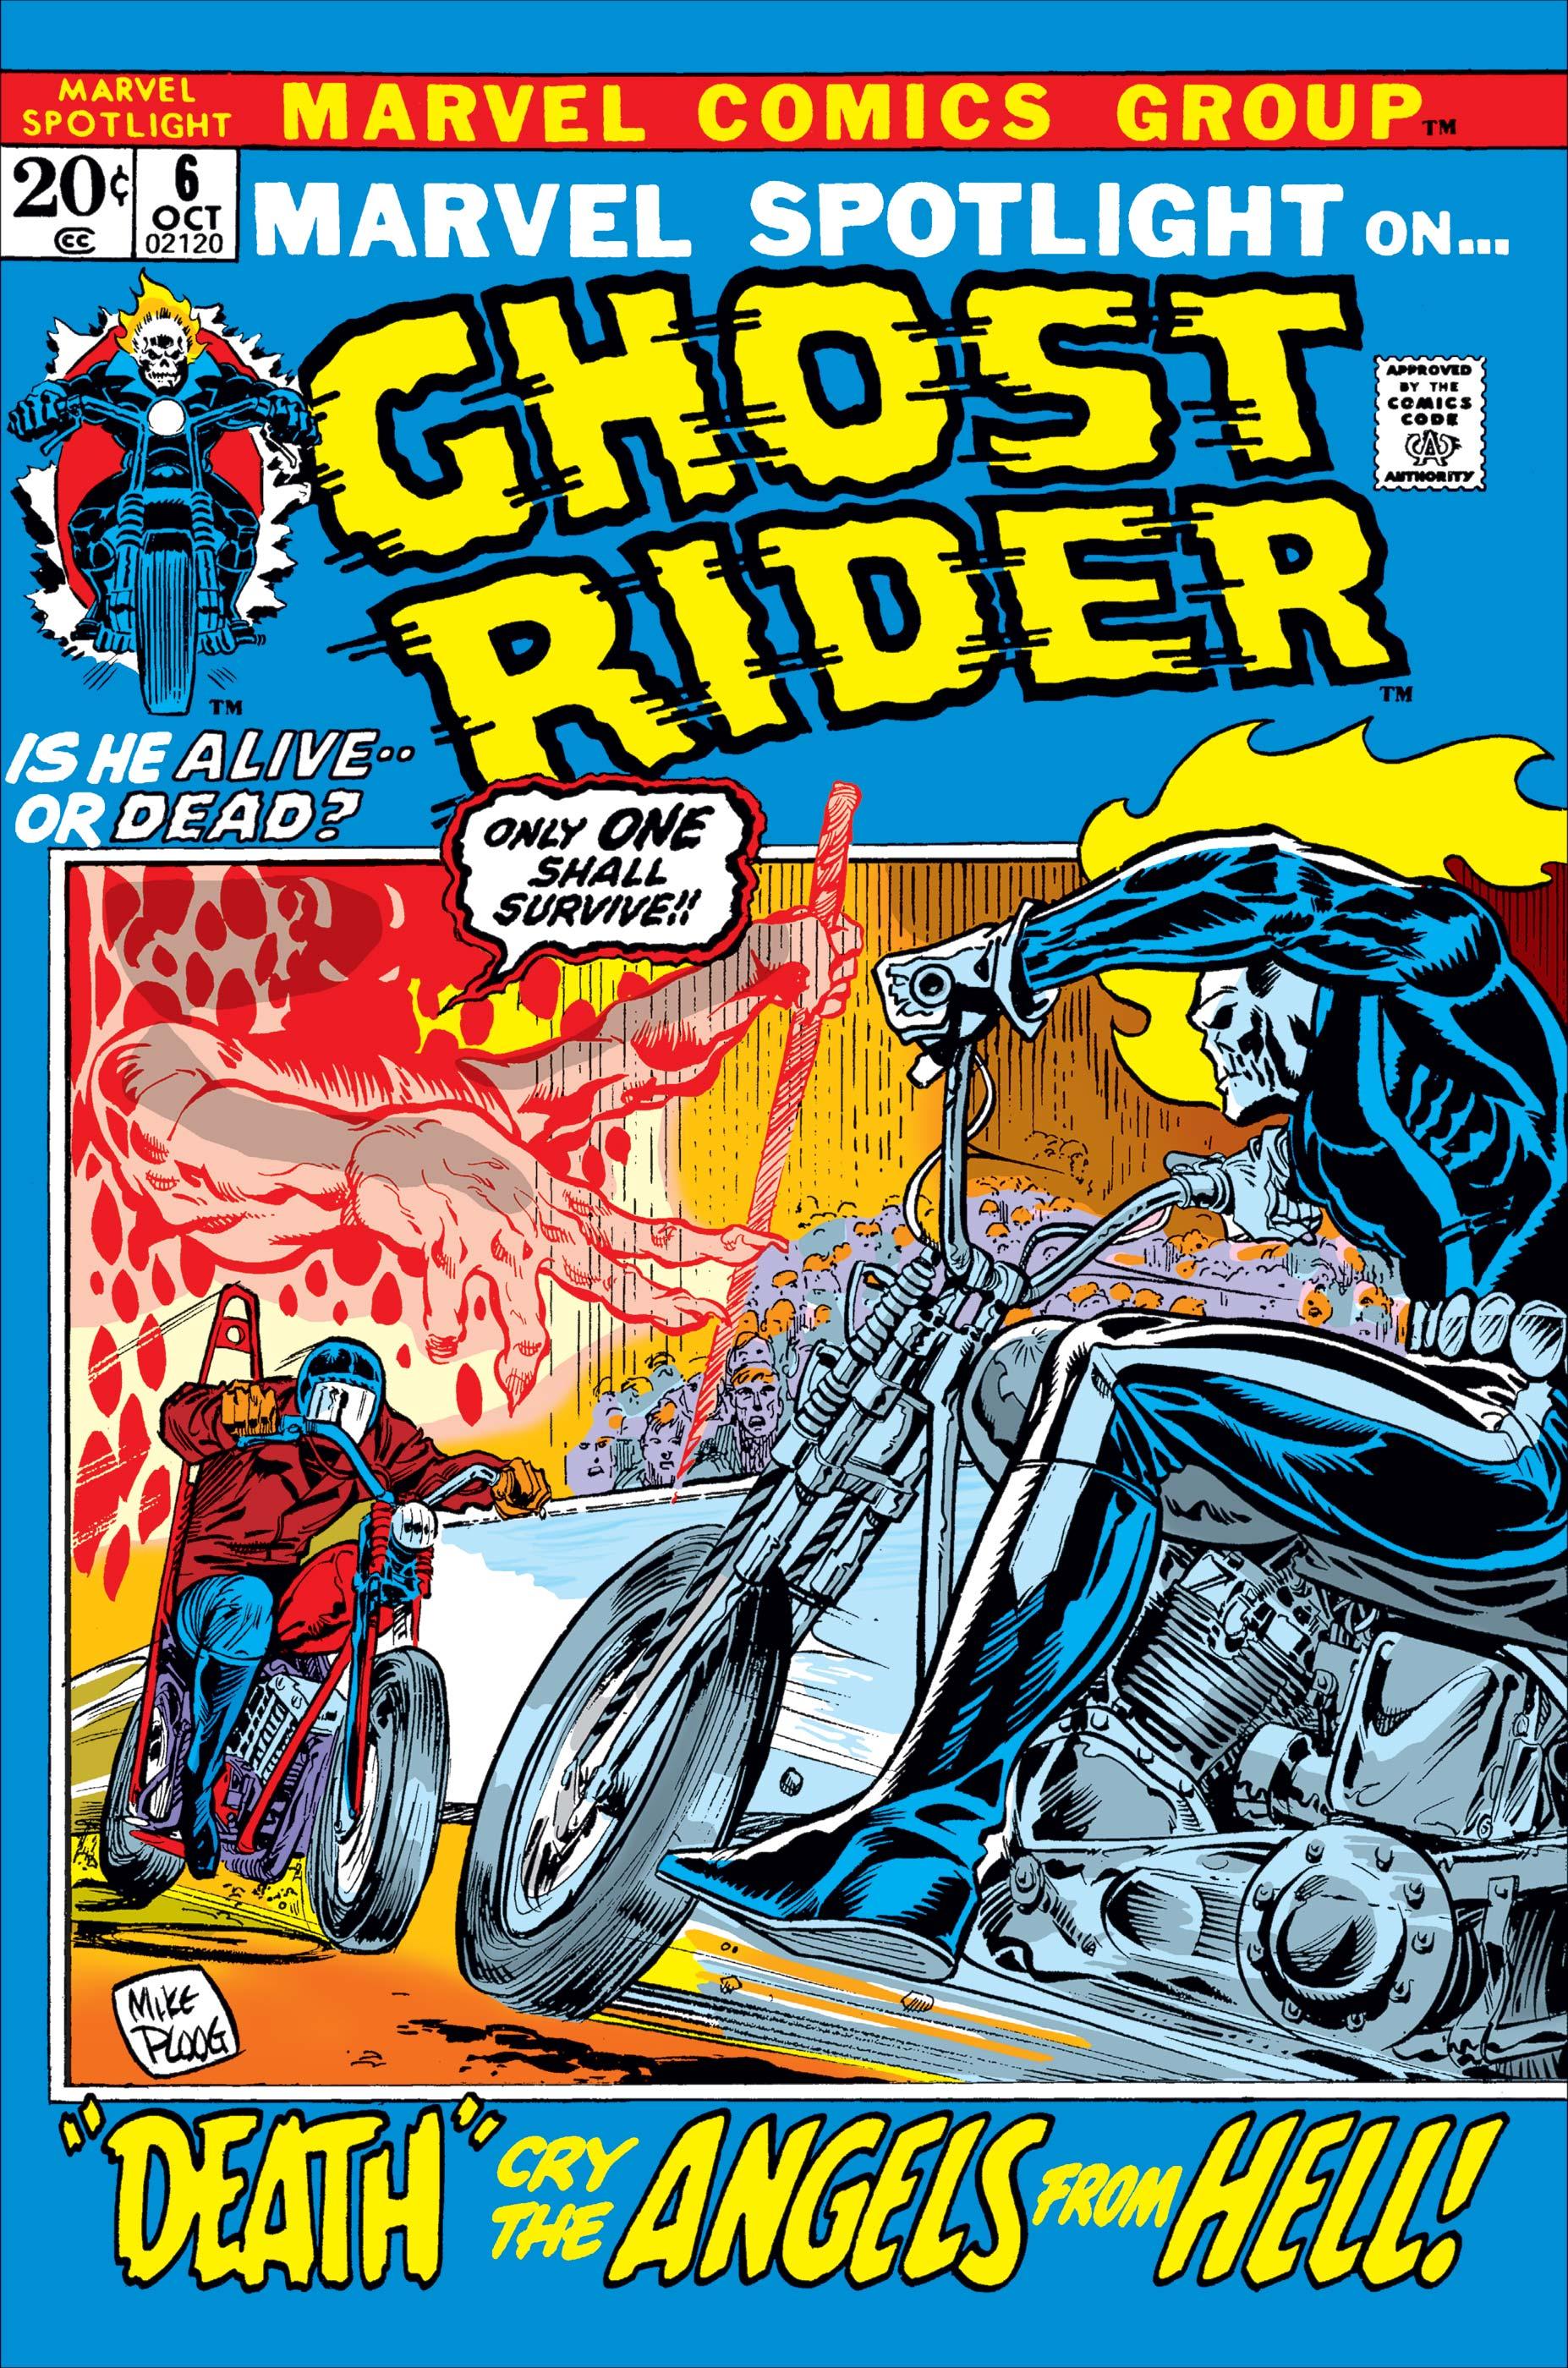 Marvel Spotlight (1971) #6